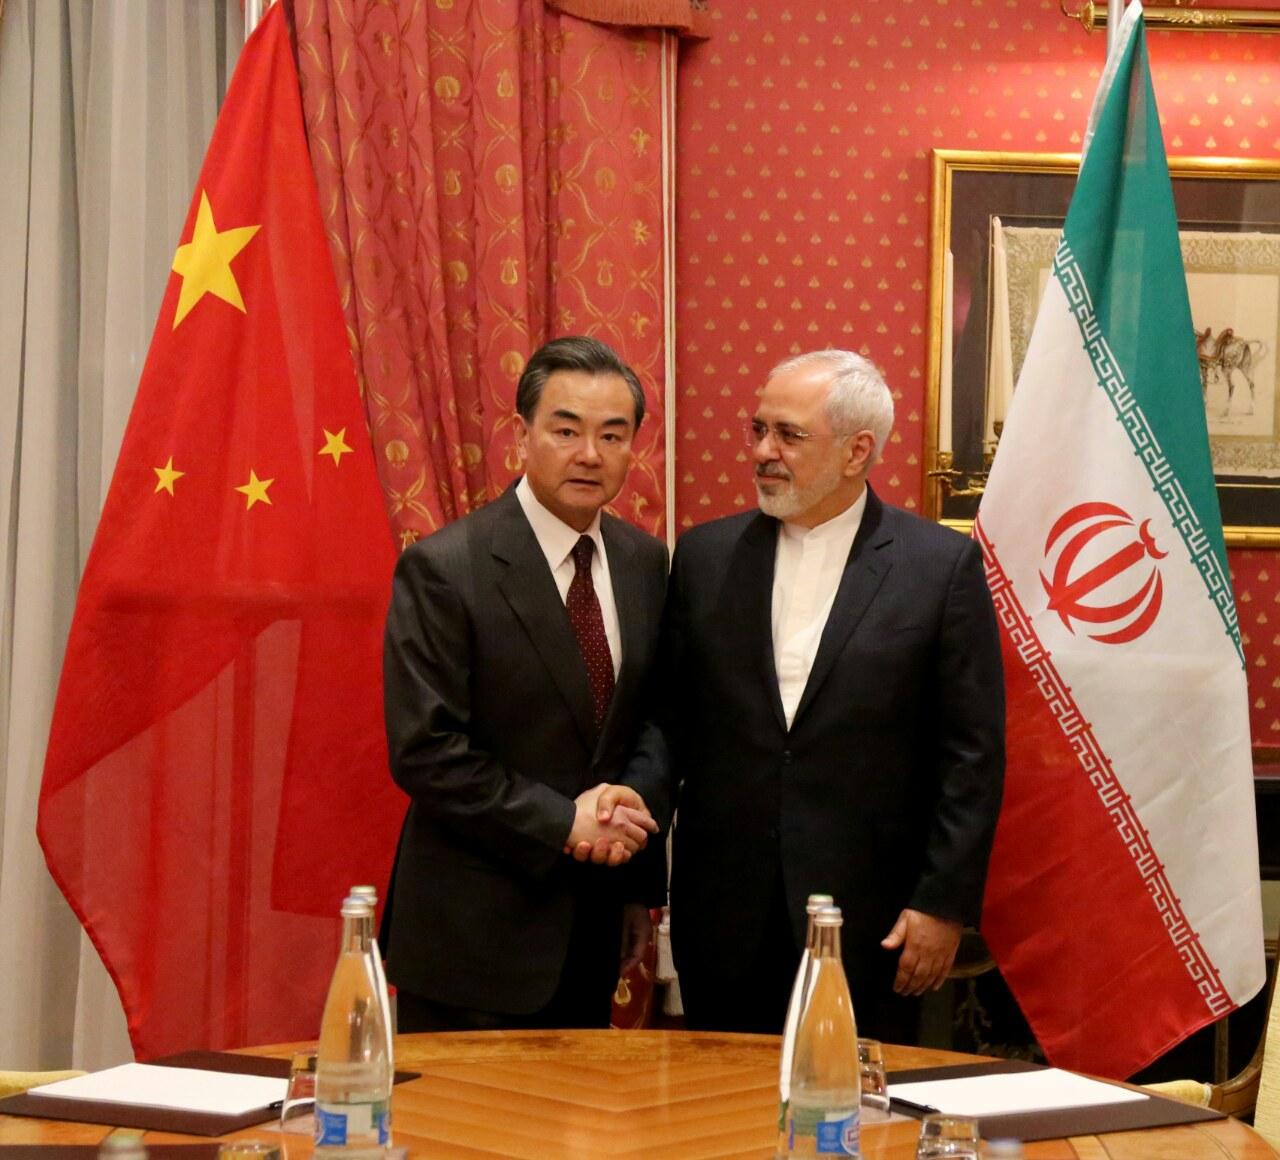 رایزنی وزرای امورخارجه ایران و چین پایان یافت + تصاویر